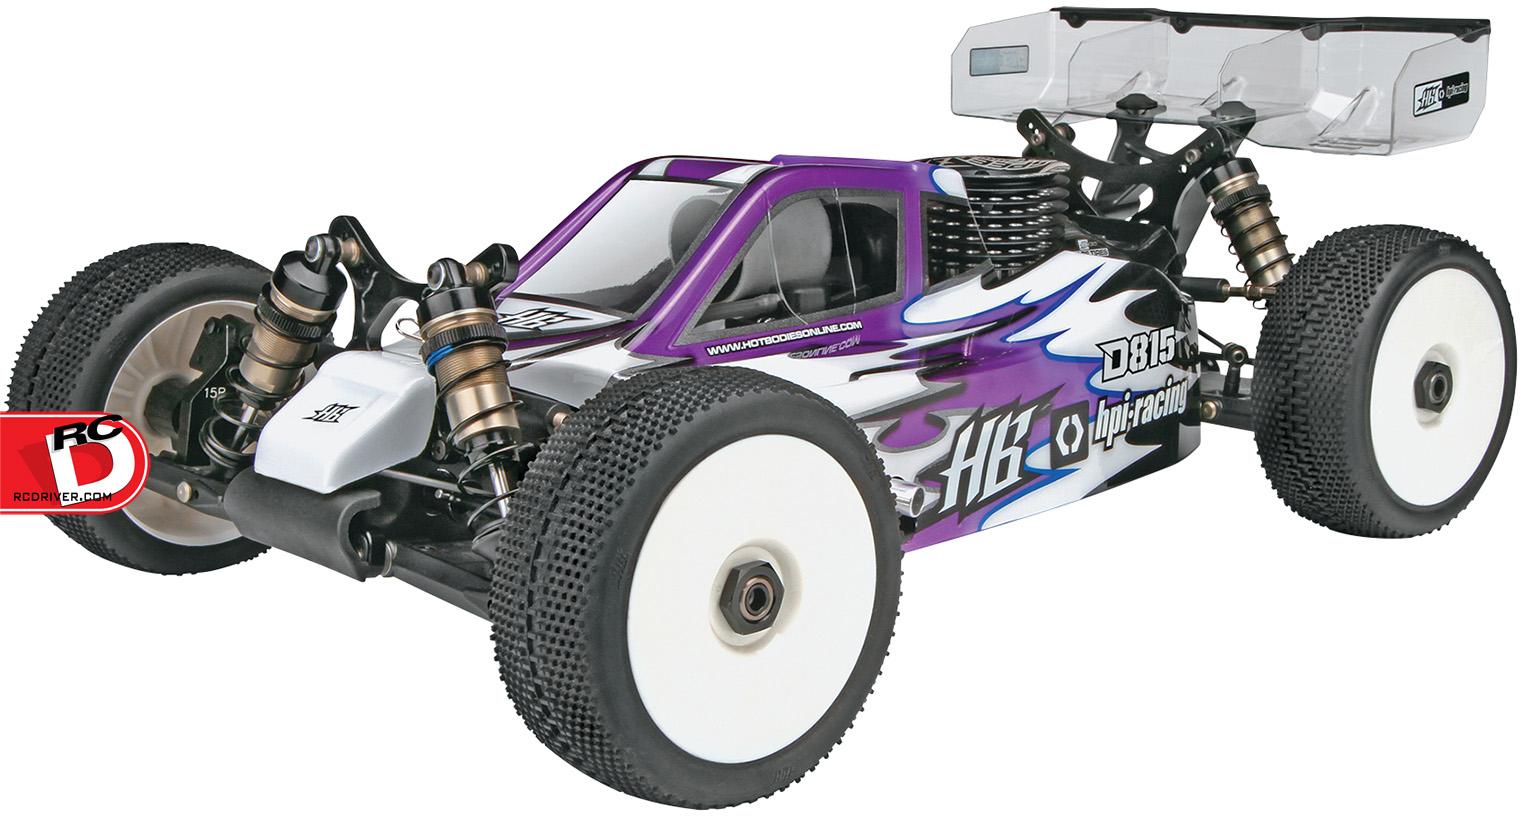 HB D815 Tessmann Worlds Edition 1/8 Buggy